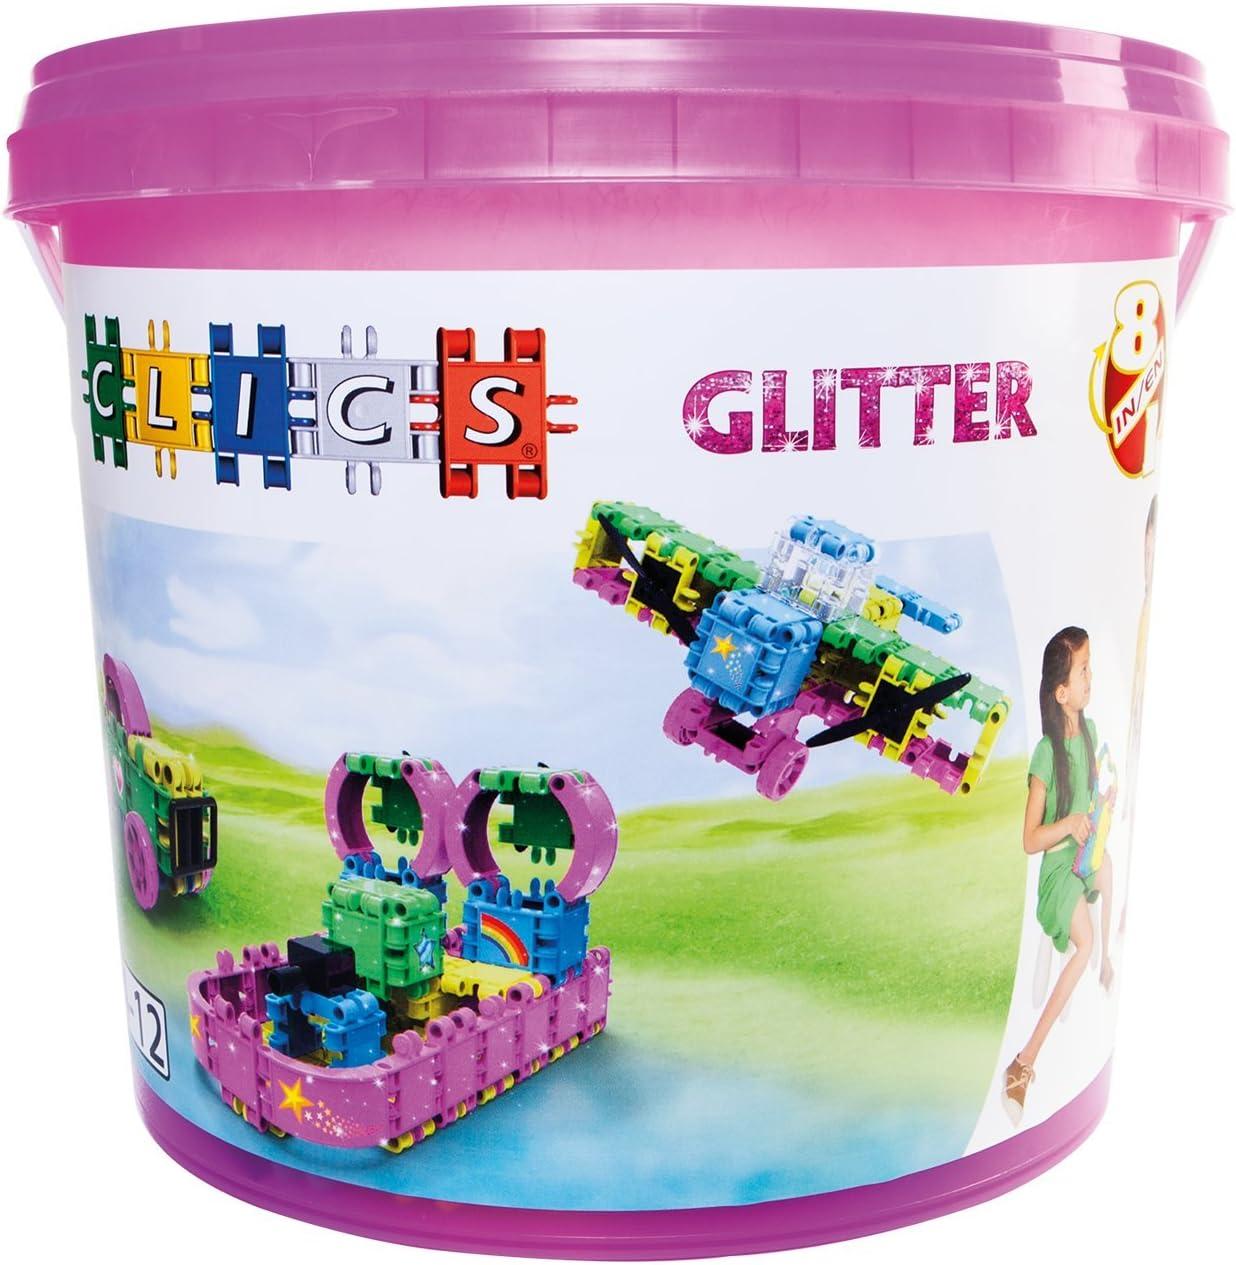 Clics CB1808-in-1Baril Glitter Juego de construcción de